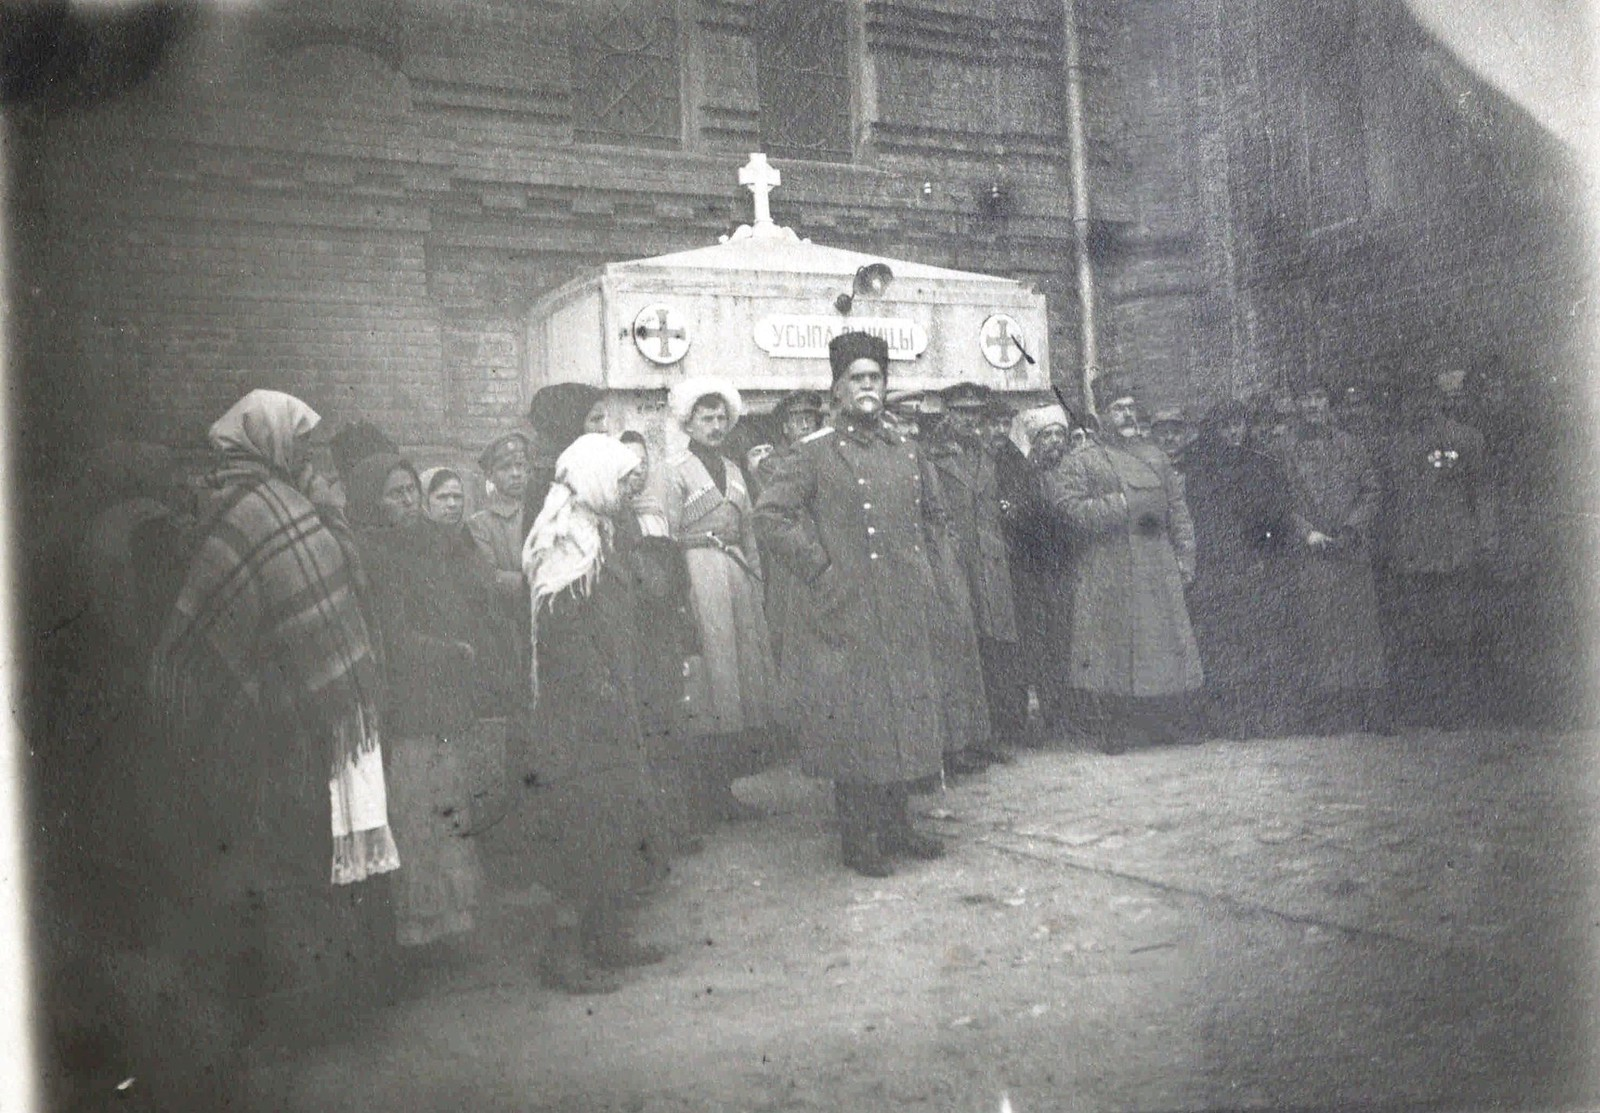 1918. Екатеринодар. Усыпальница, где покоился генерал Алексеев